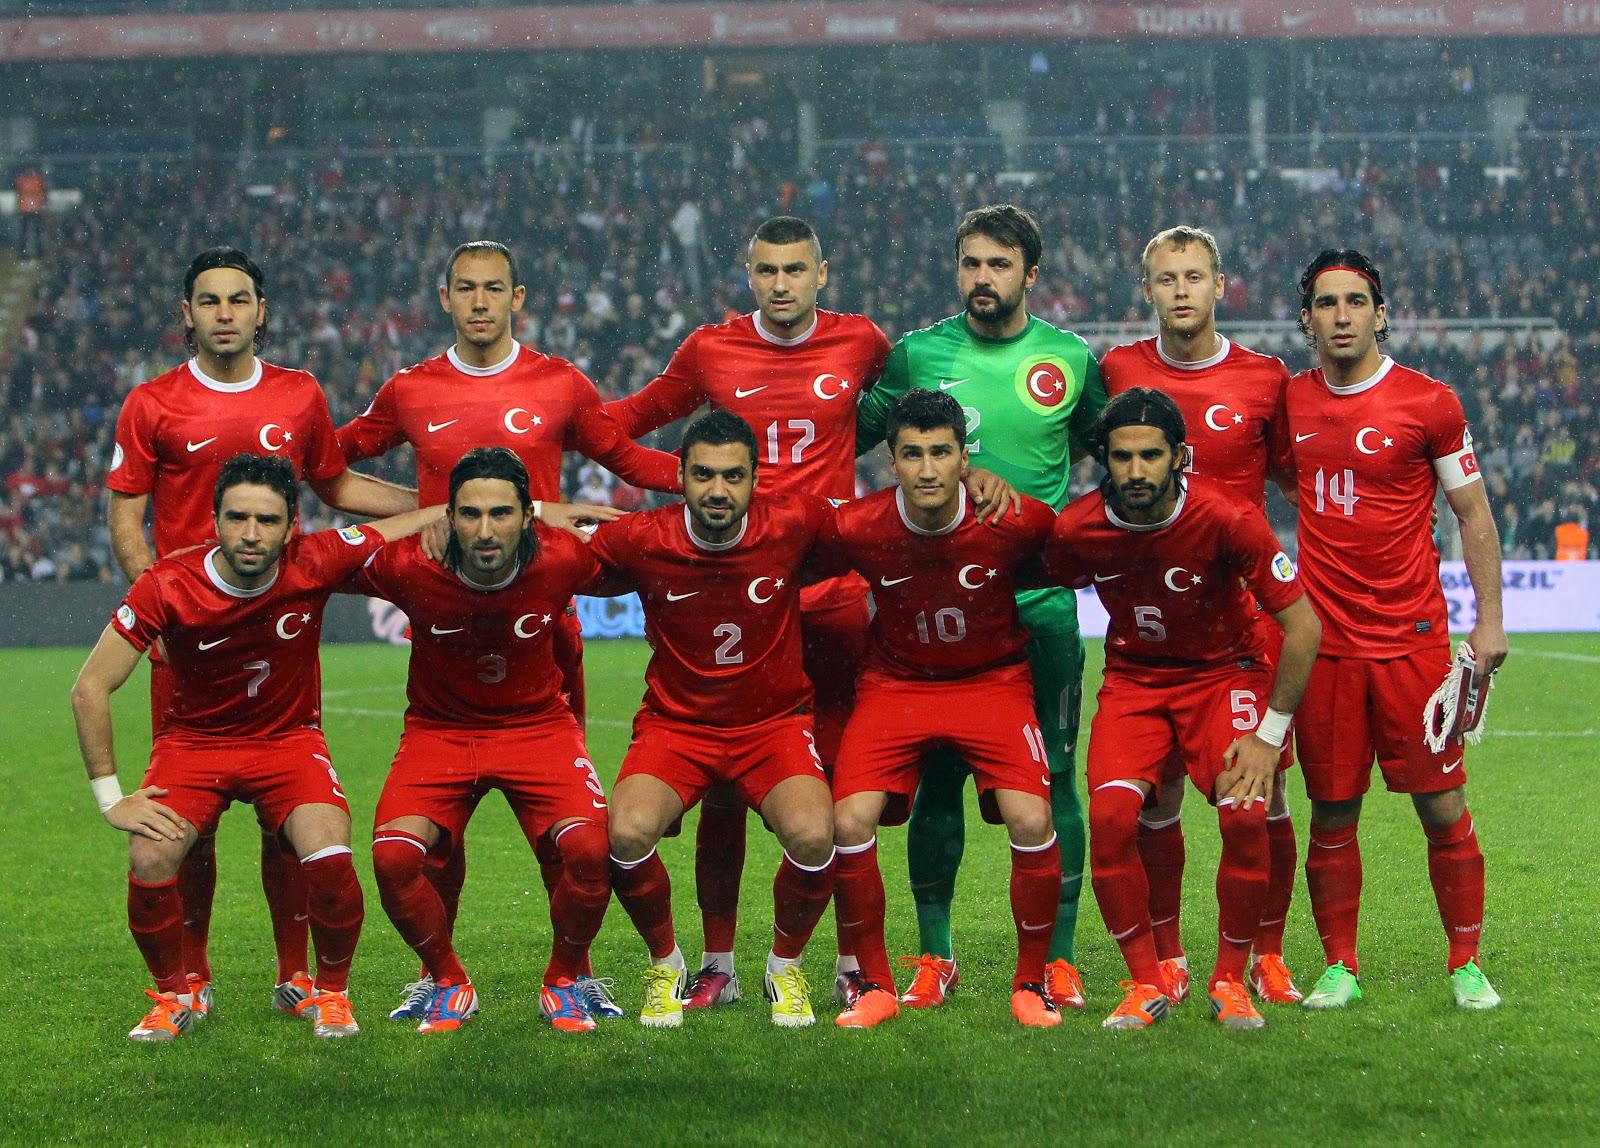 Turk Team